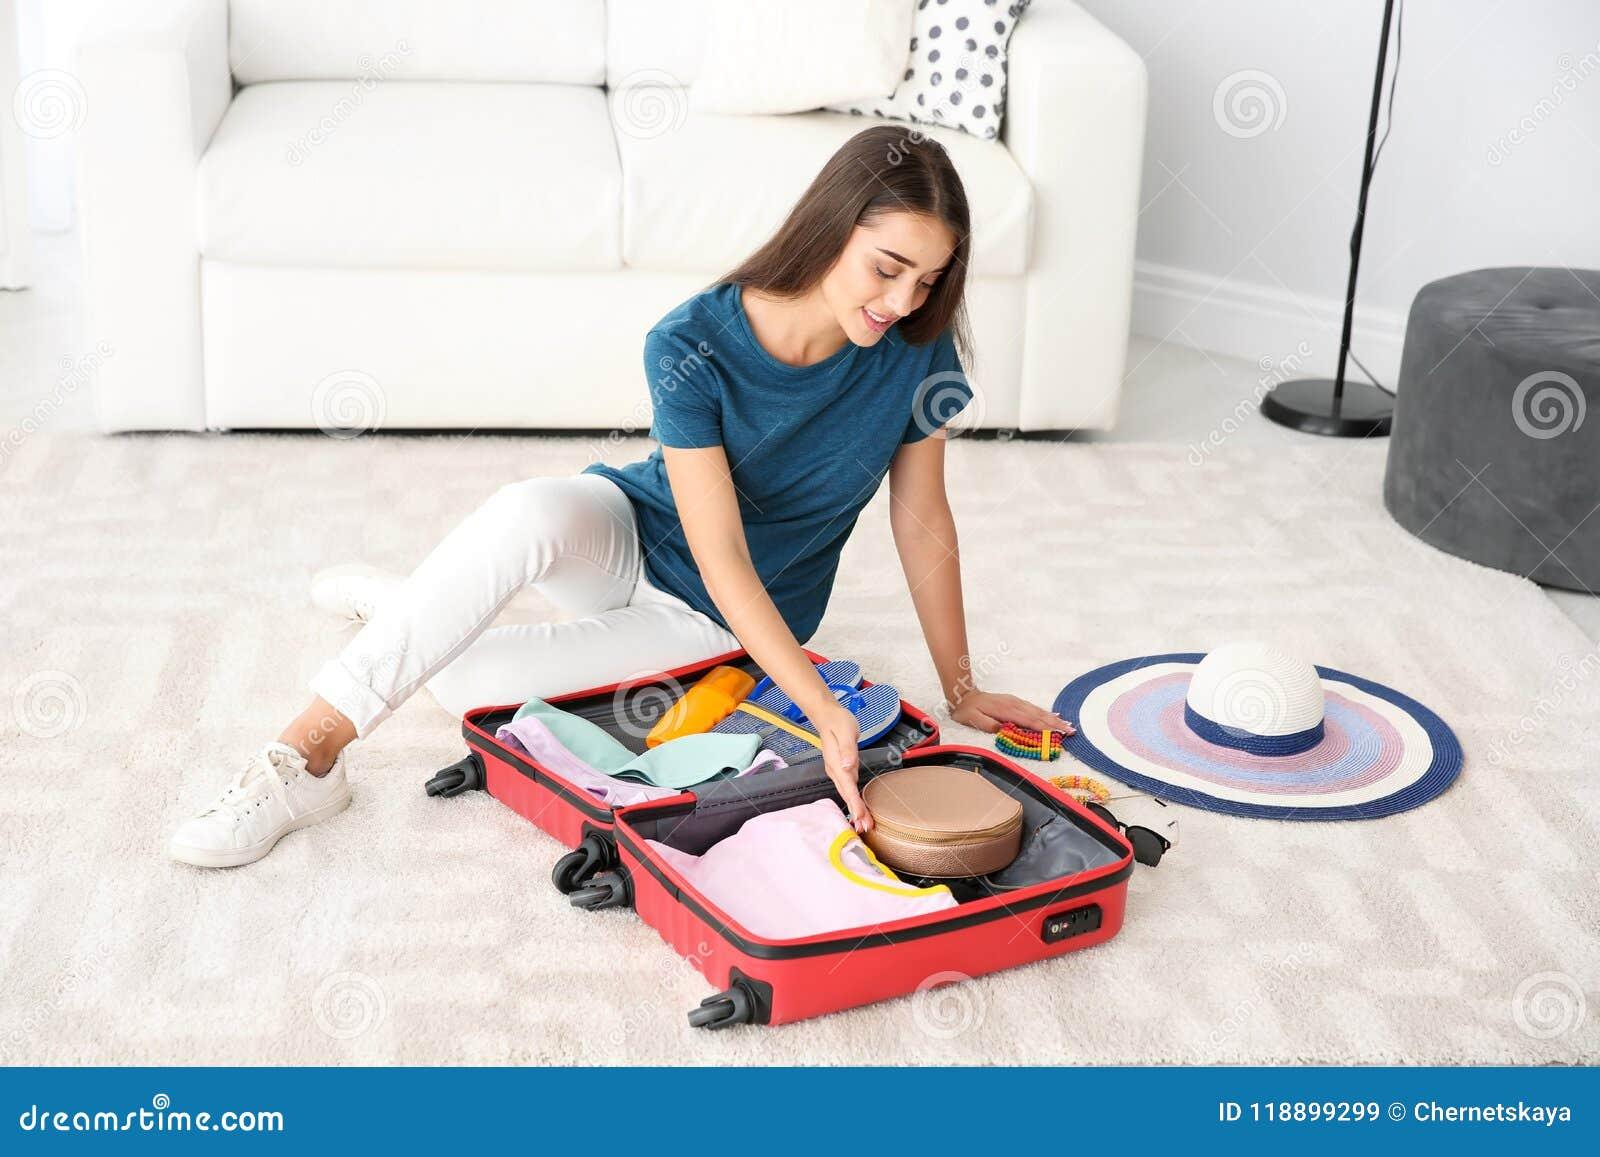 Чемодан упаковки молодой женщины дома